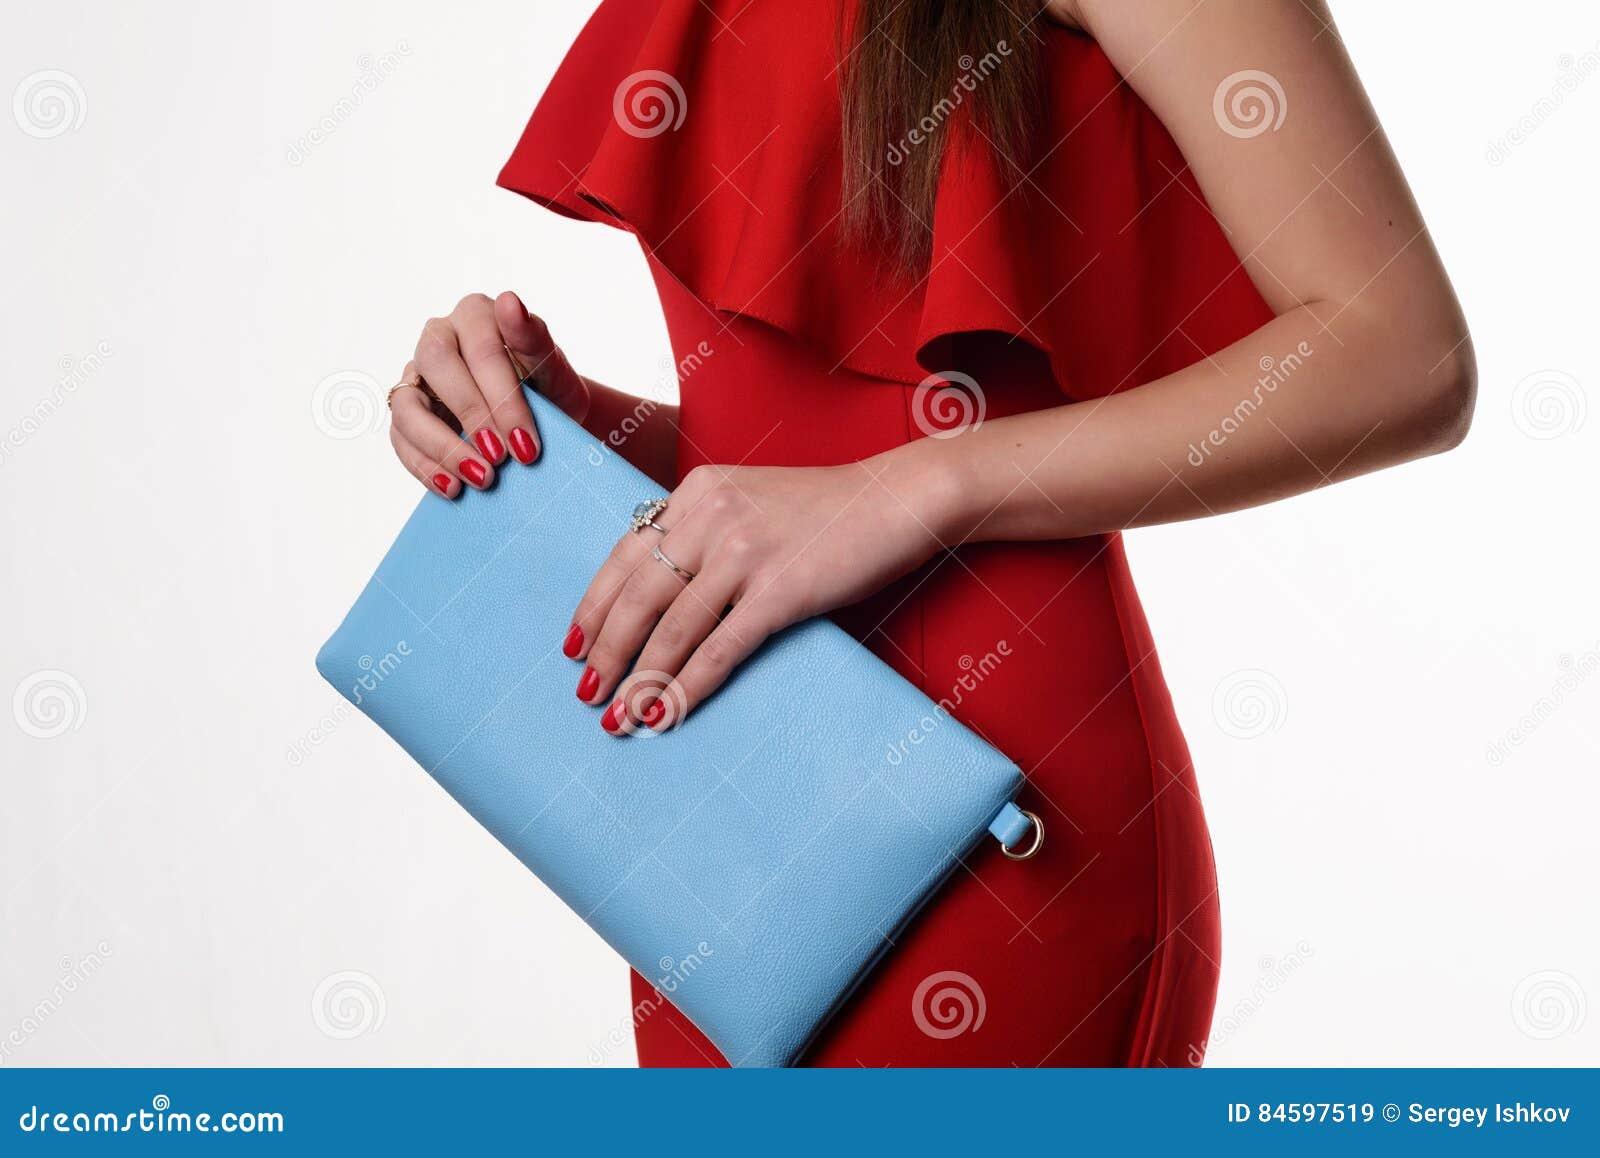 e0ca6b2c57b0 Donna Alla Moda Con Una Borsa Blu E Un Vestito Da Sera Rosso ...